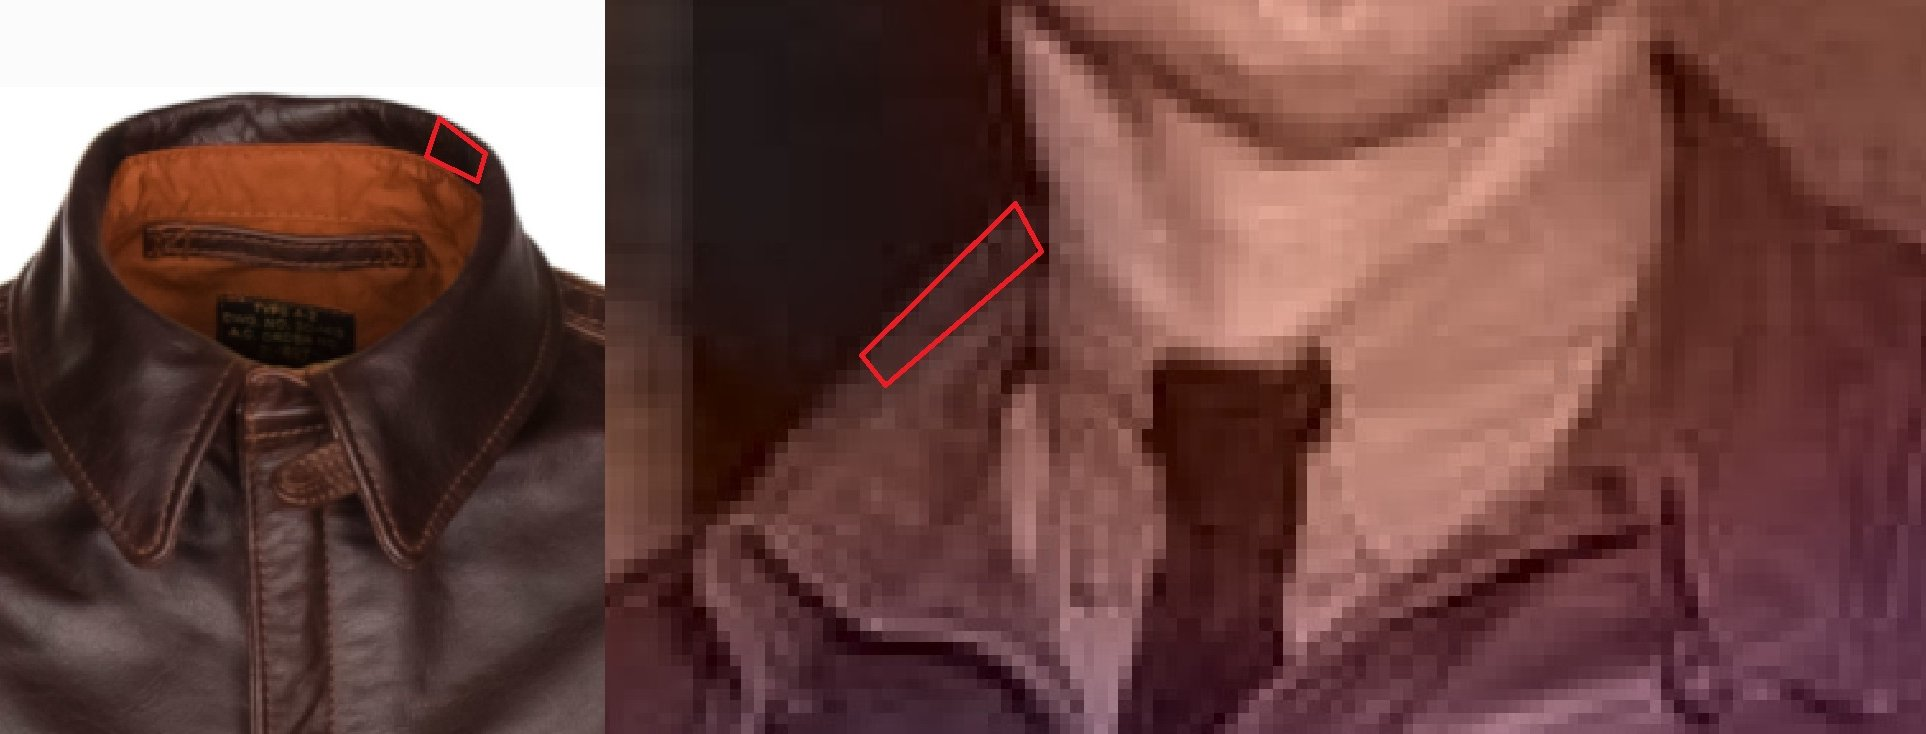 collar3_1.jpg